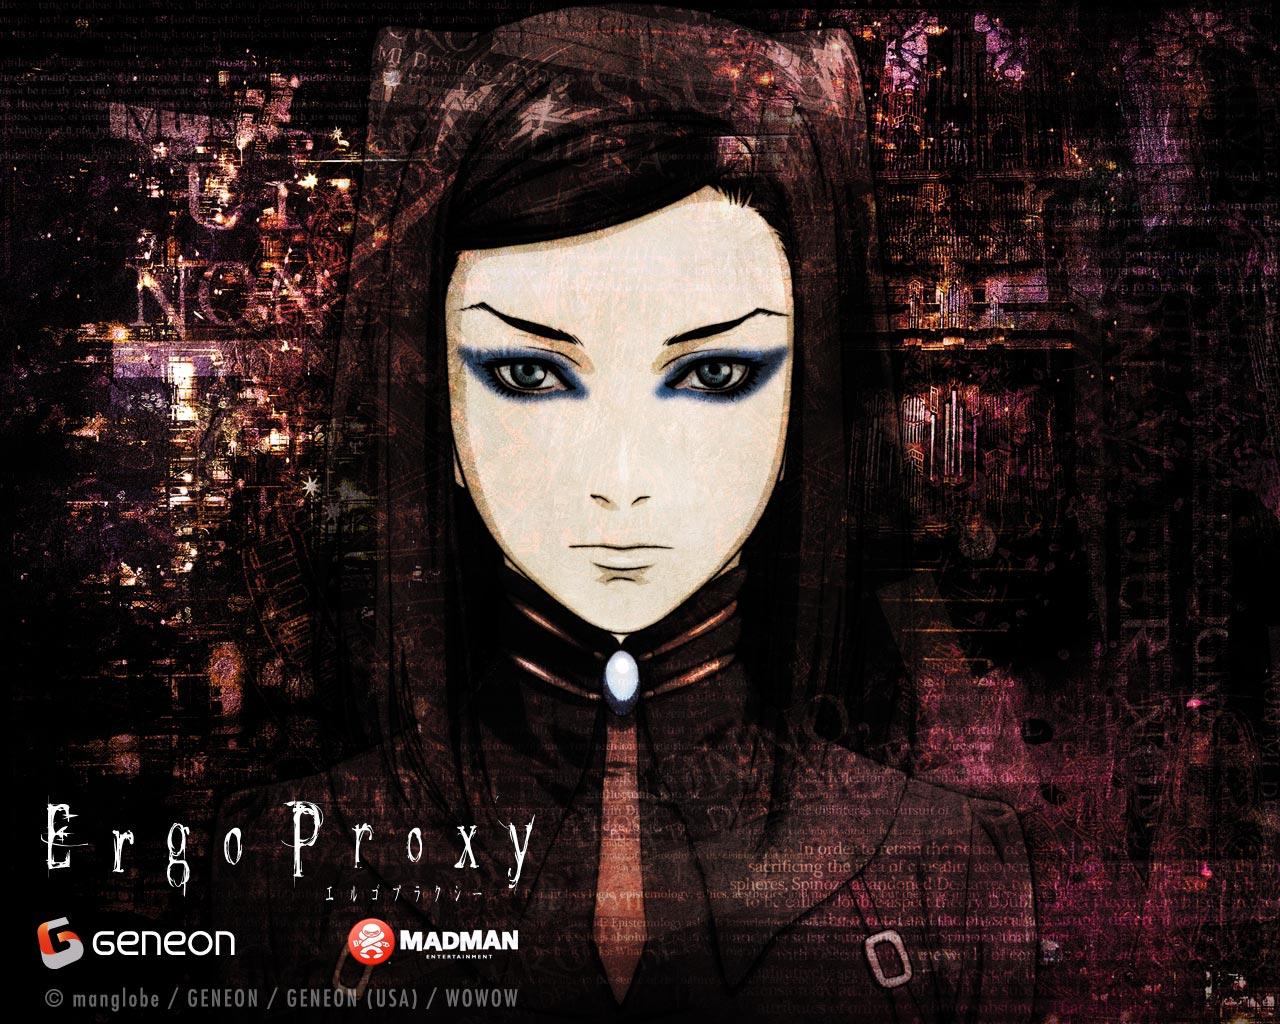 http://2.bp.blogspot.com/-gAWB_VFKyGE/TfLEEJrLa3I/AAAAAAAABIs/XmTlMGb4Qs8/s1600/ergo_proxy_267_1280.jpg